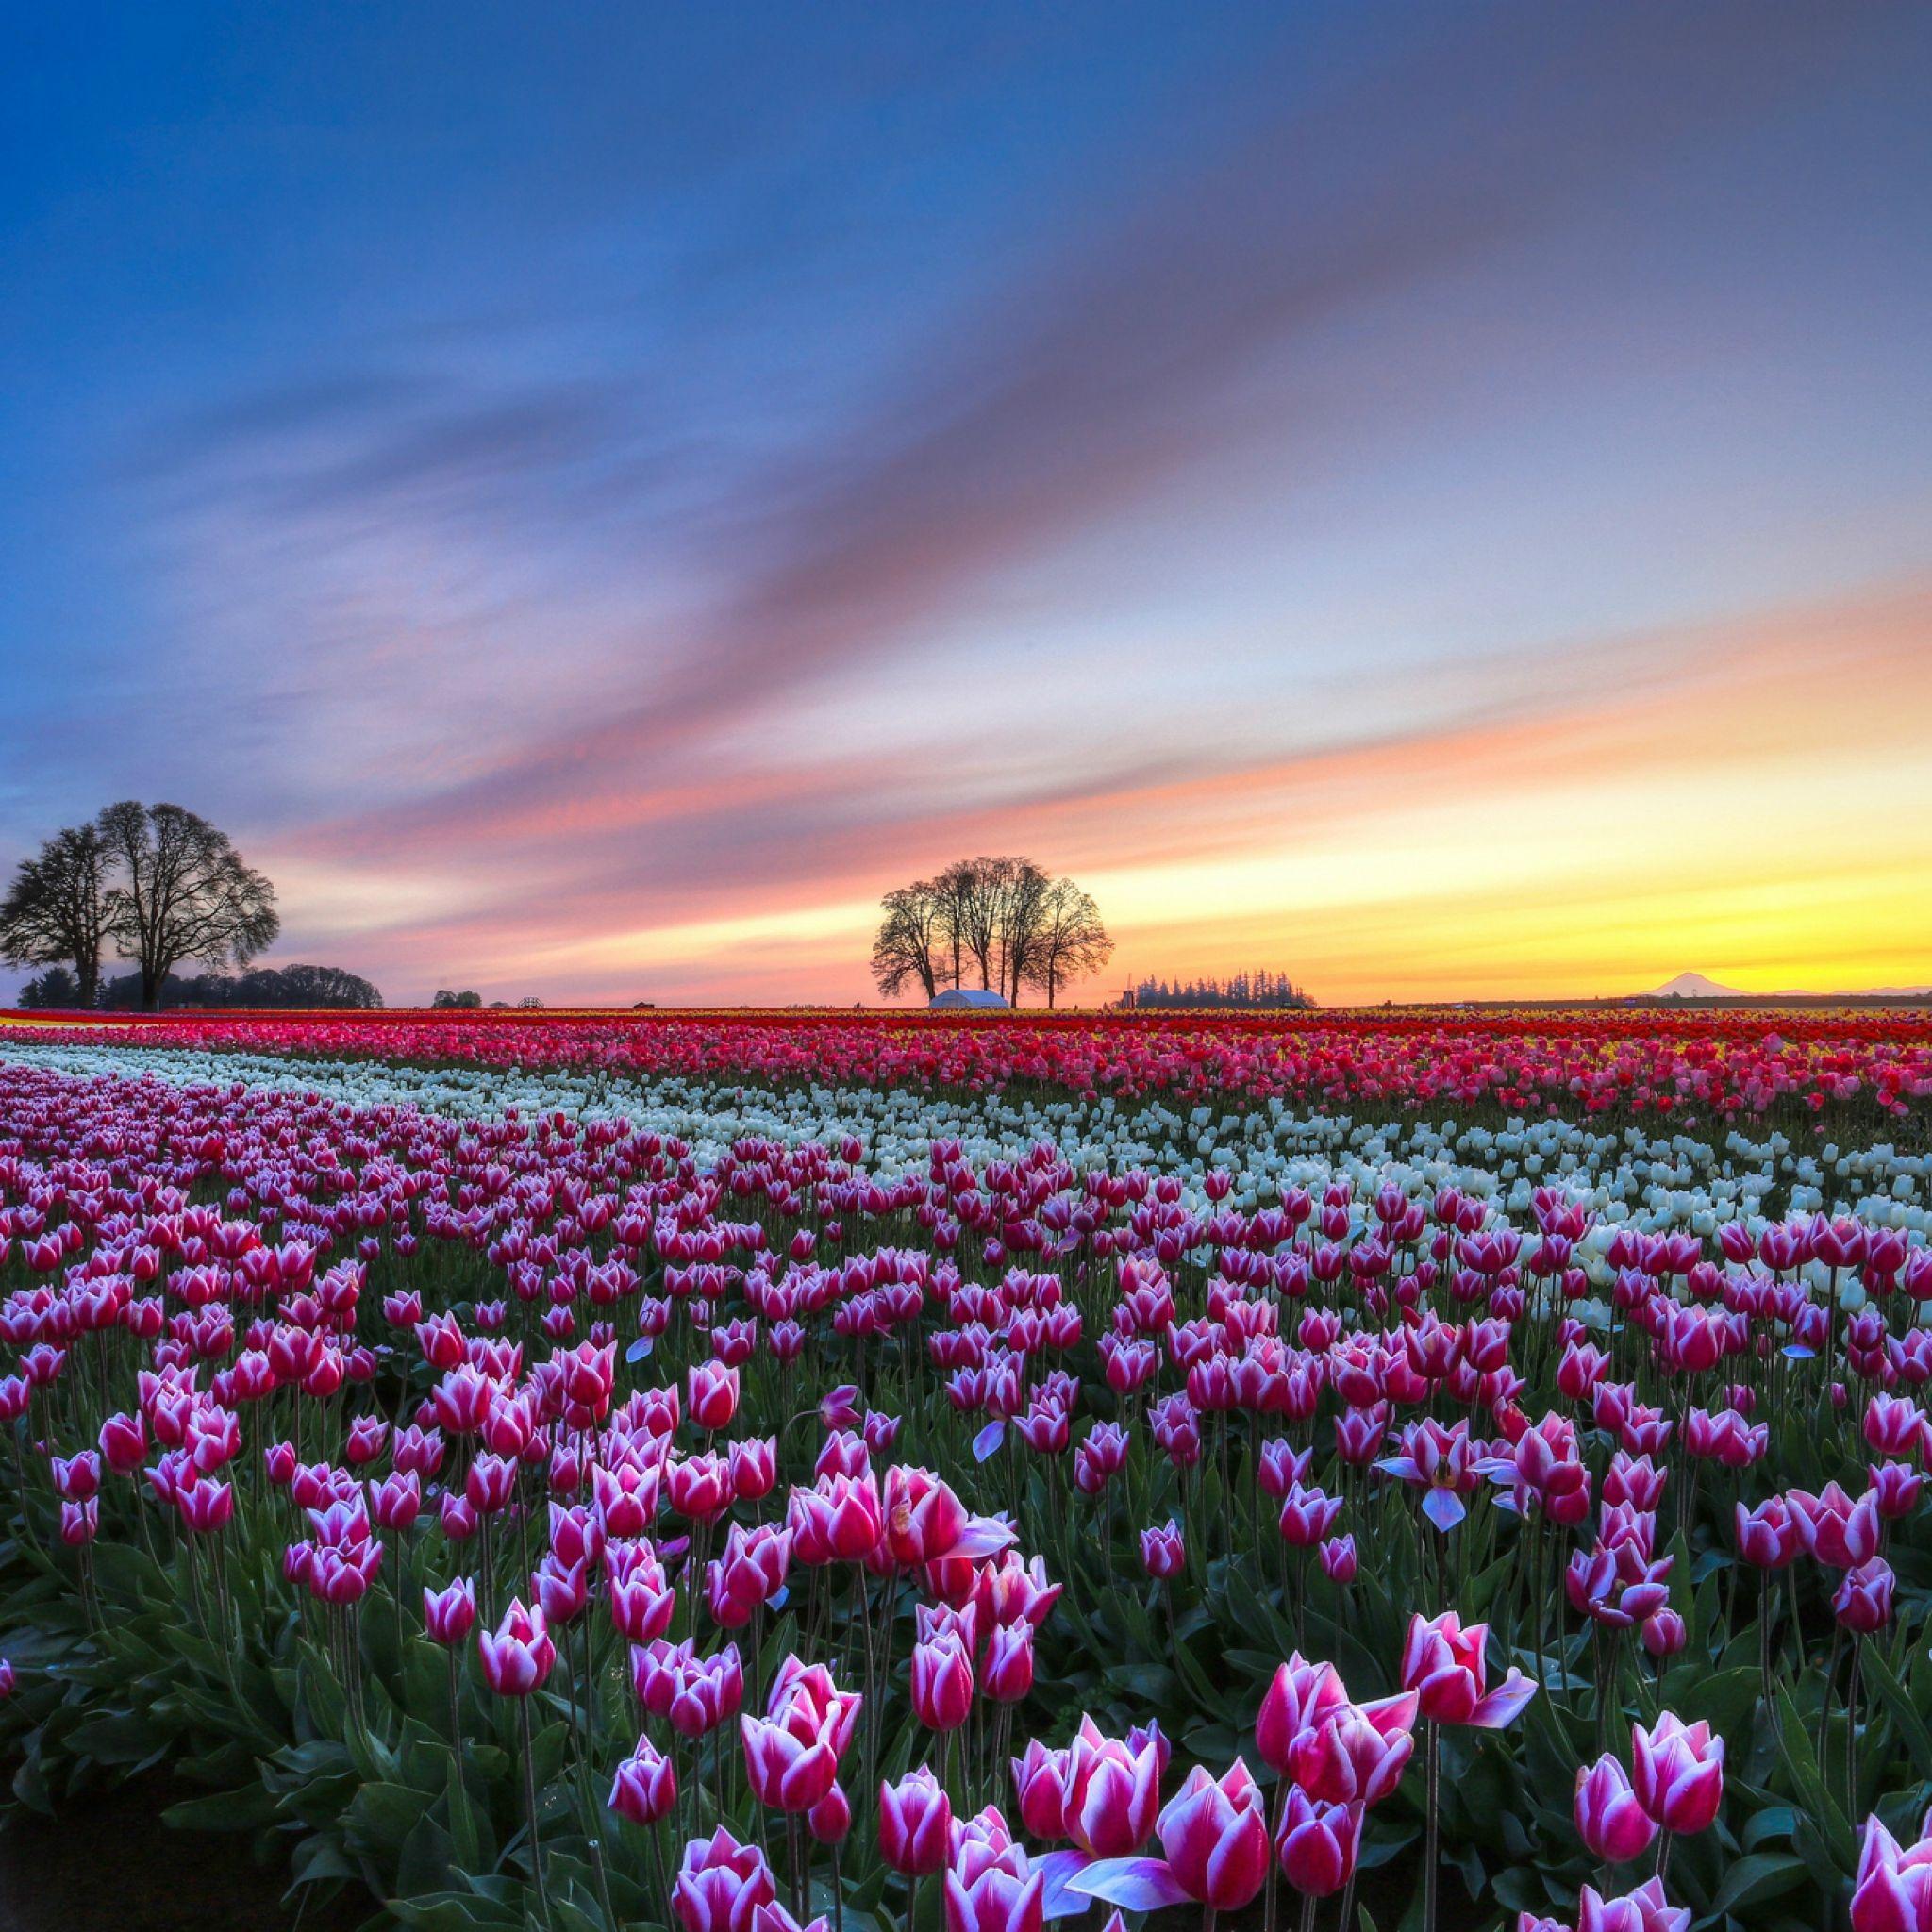 2048x2048 Papel de Parede de campo, tulipas, colorido, flores, árvores, noite, pôr do sol, céu, nuvens